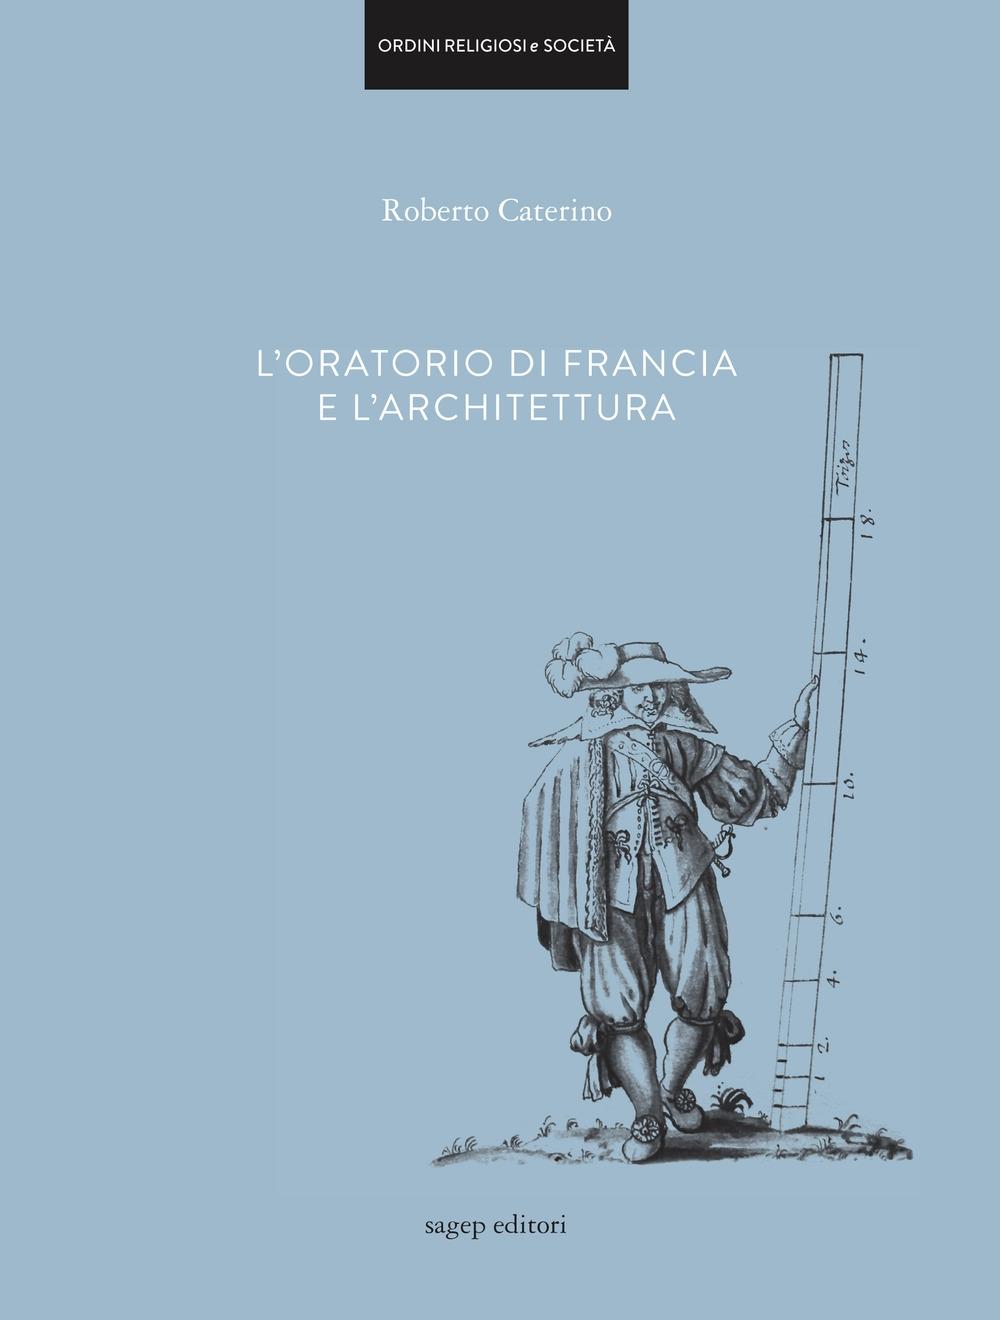 L'Oratorio di Francia e l'Architettura